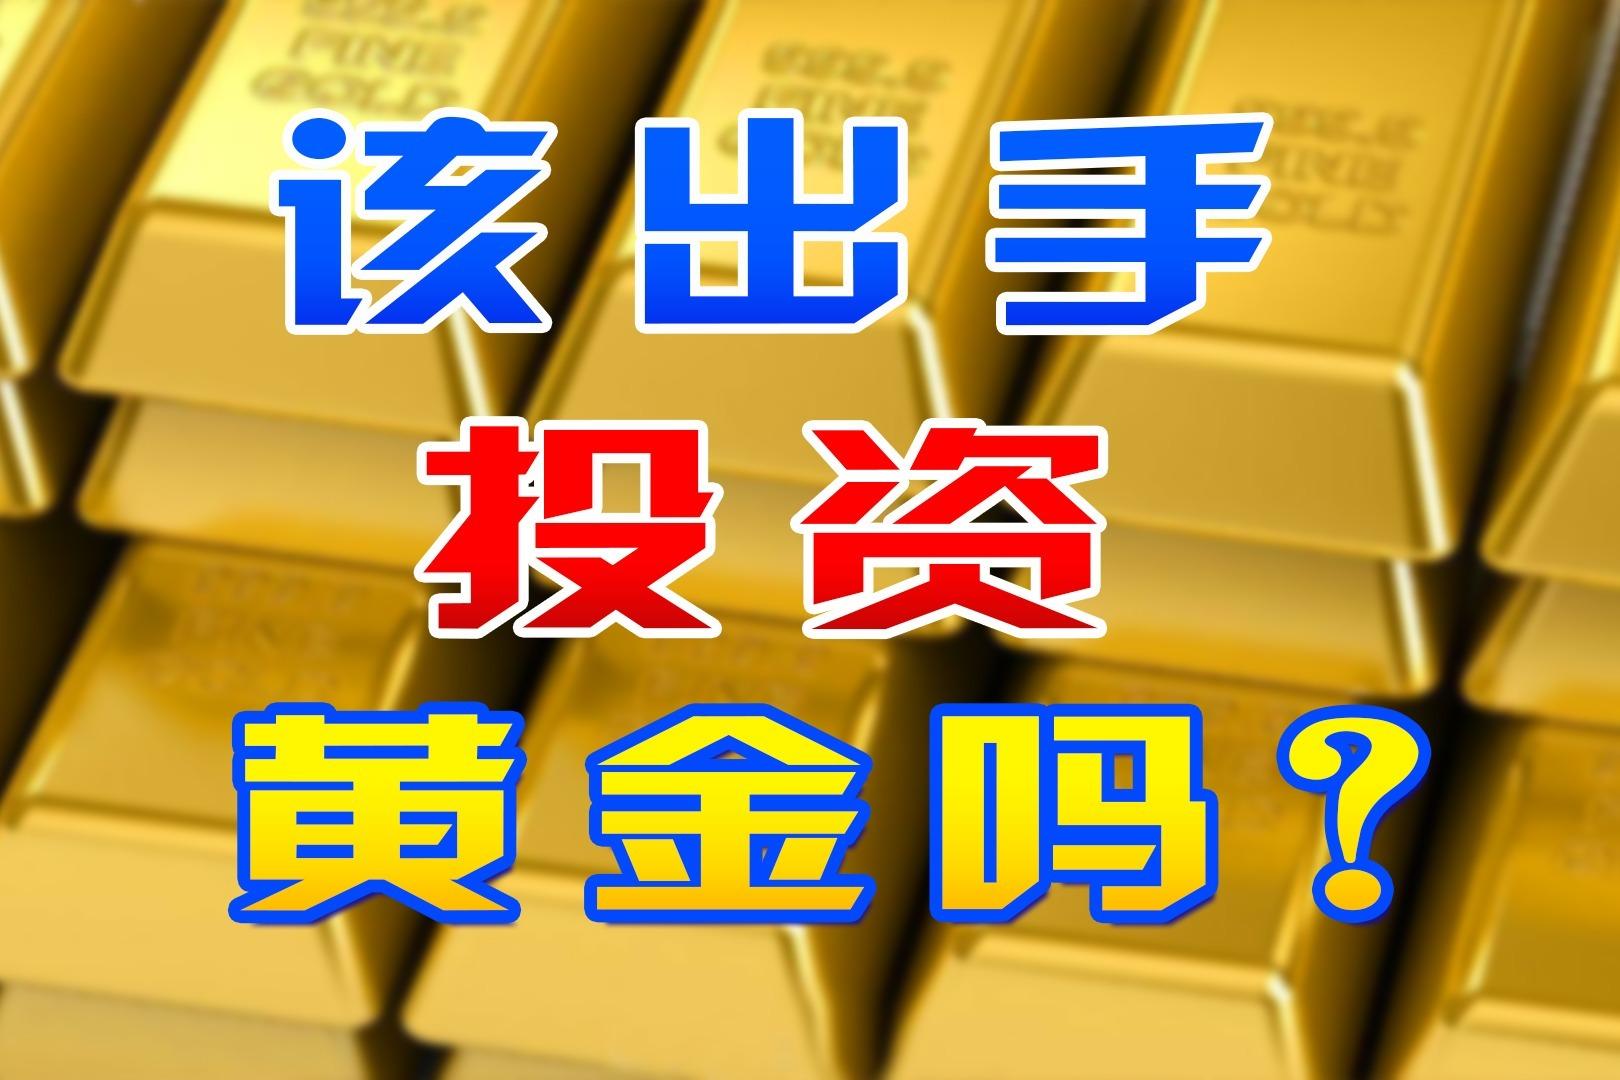 黄金价格一路飙升!作为普通老百姓,投资黄金的好时机到了吗